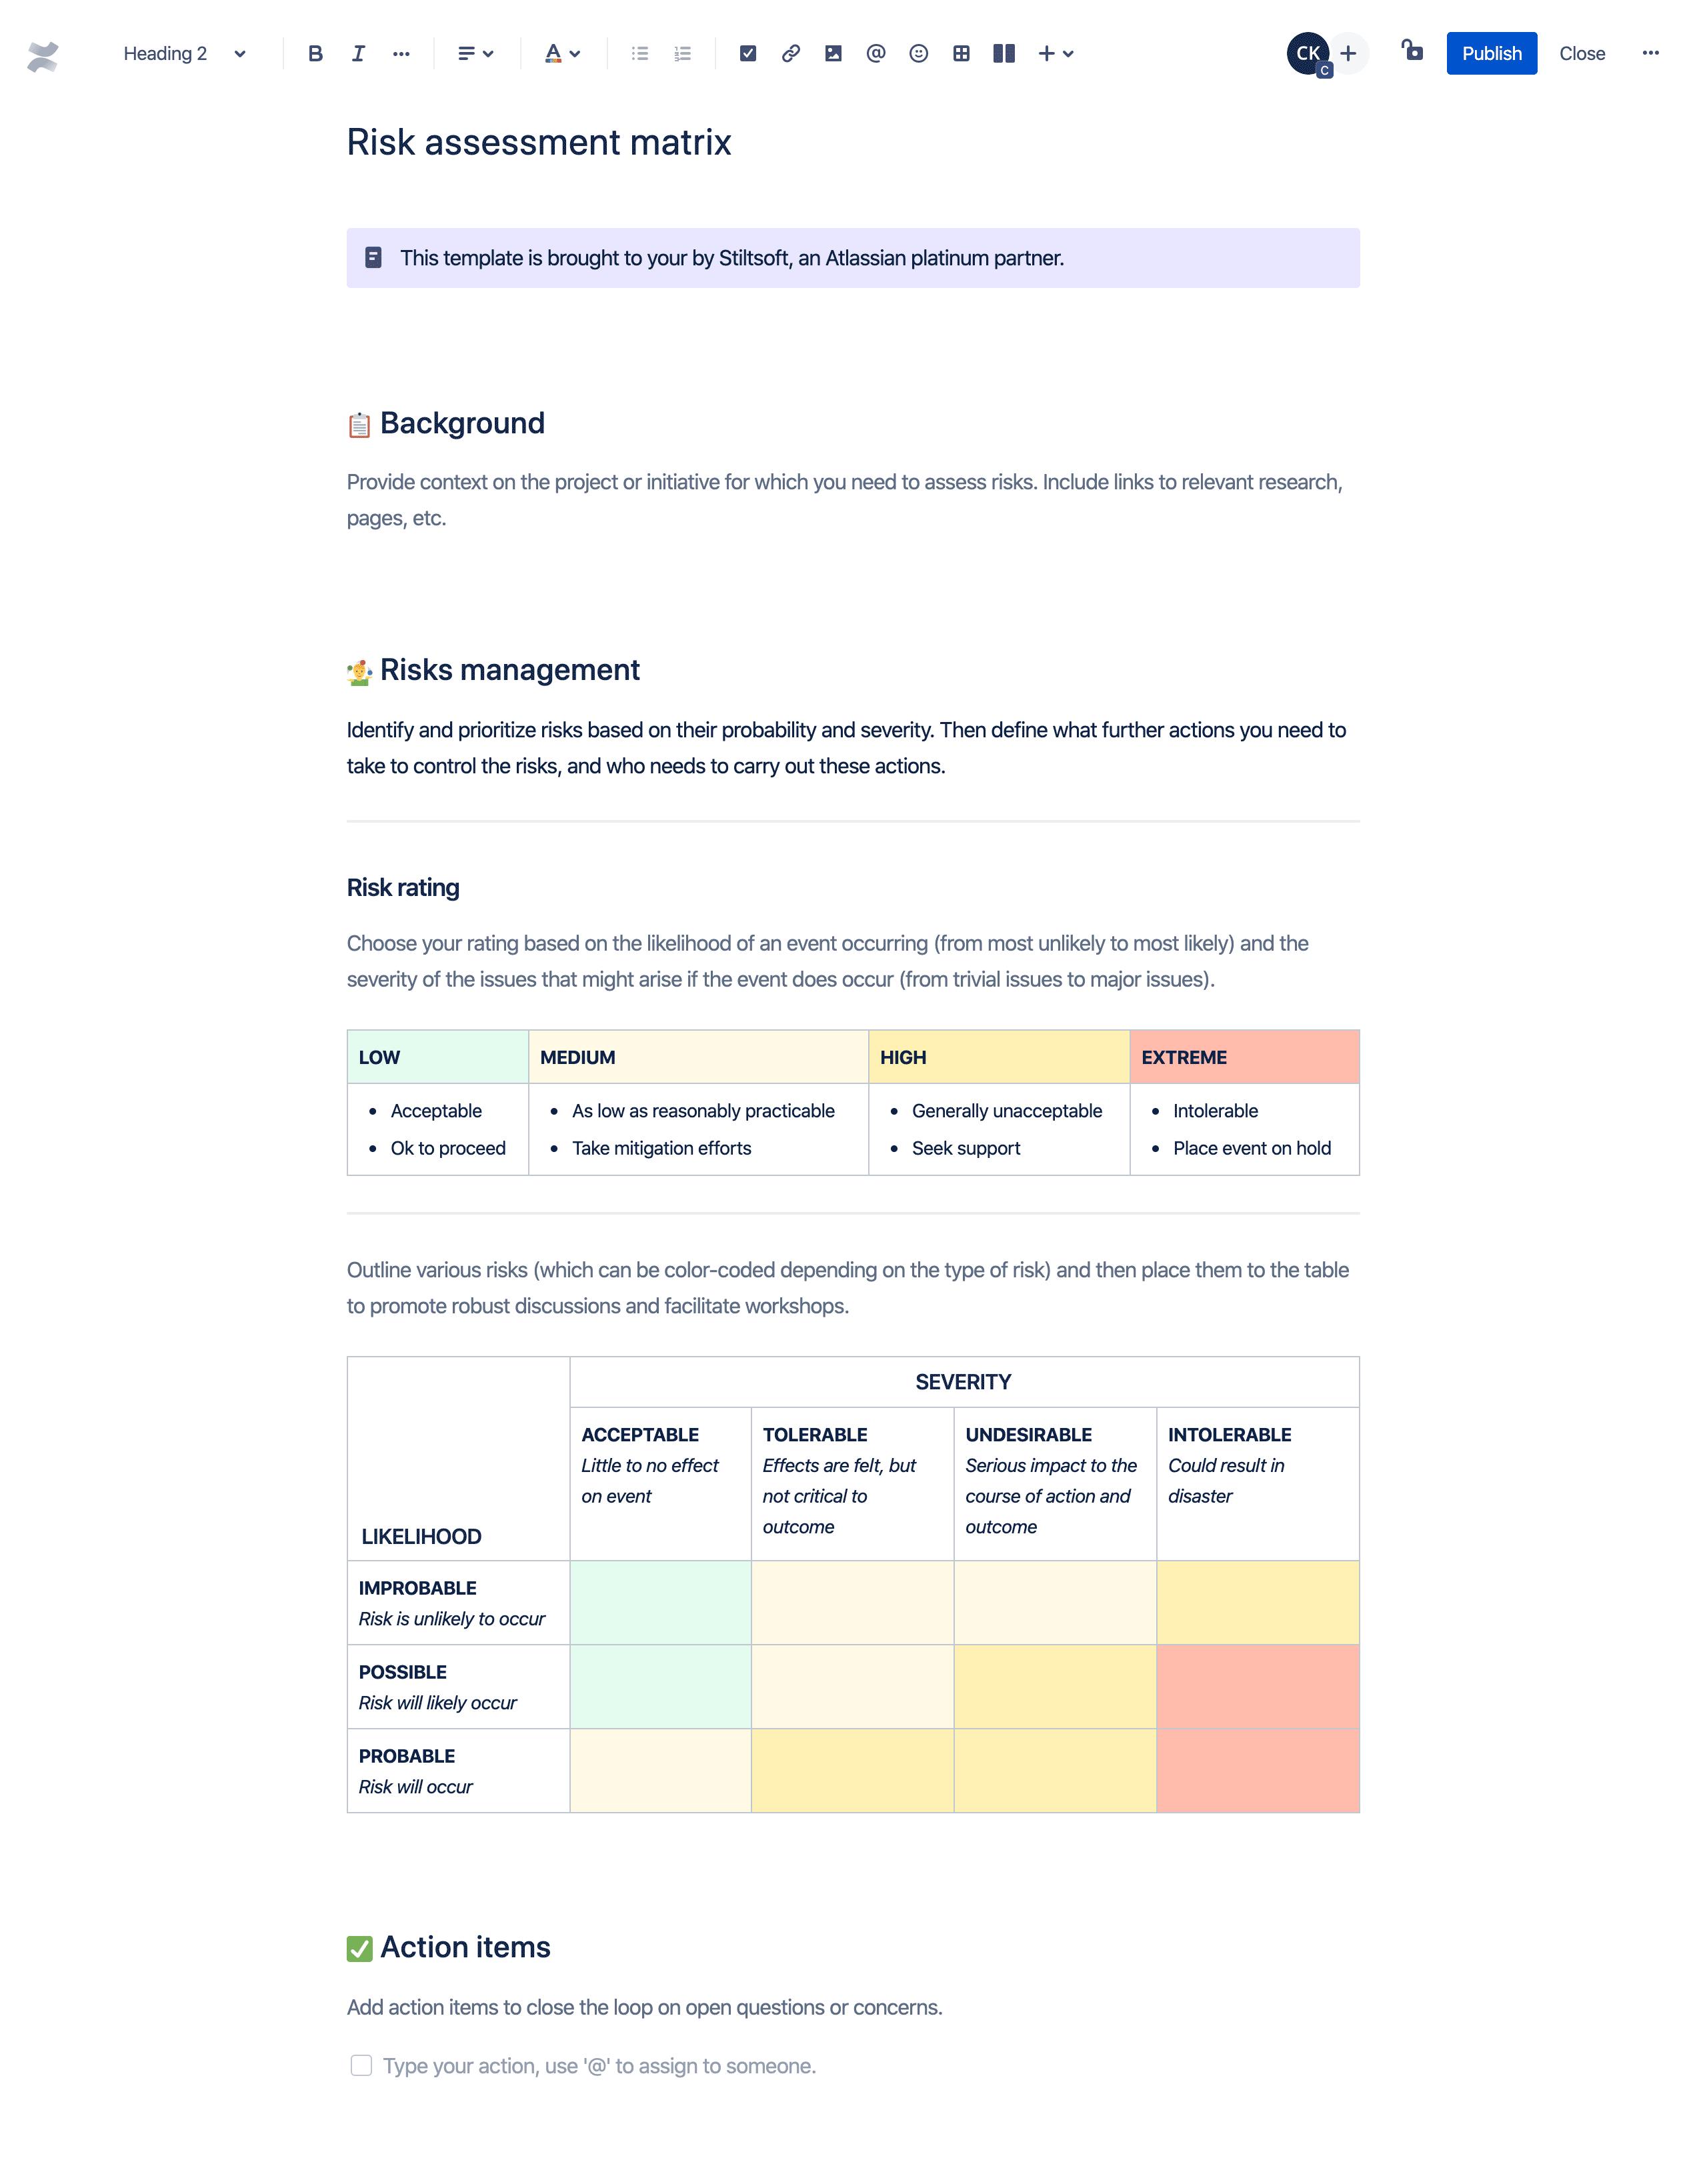 Modèle de matrice de gestion des risques